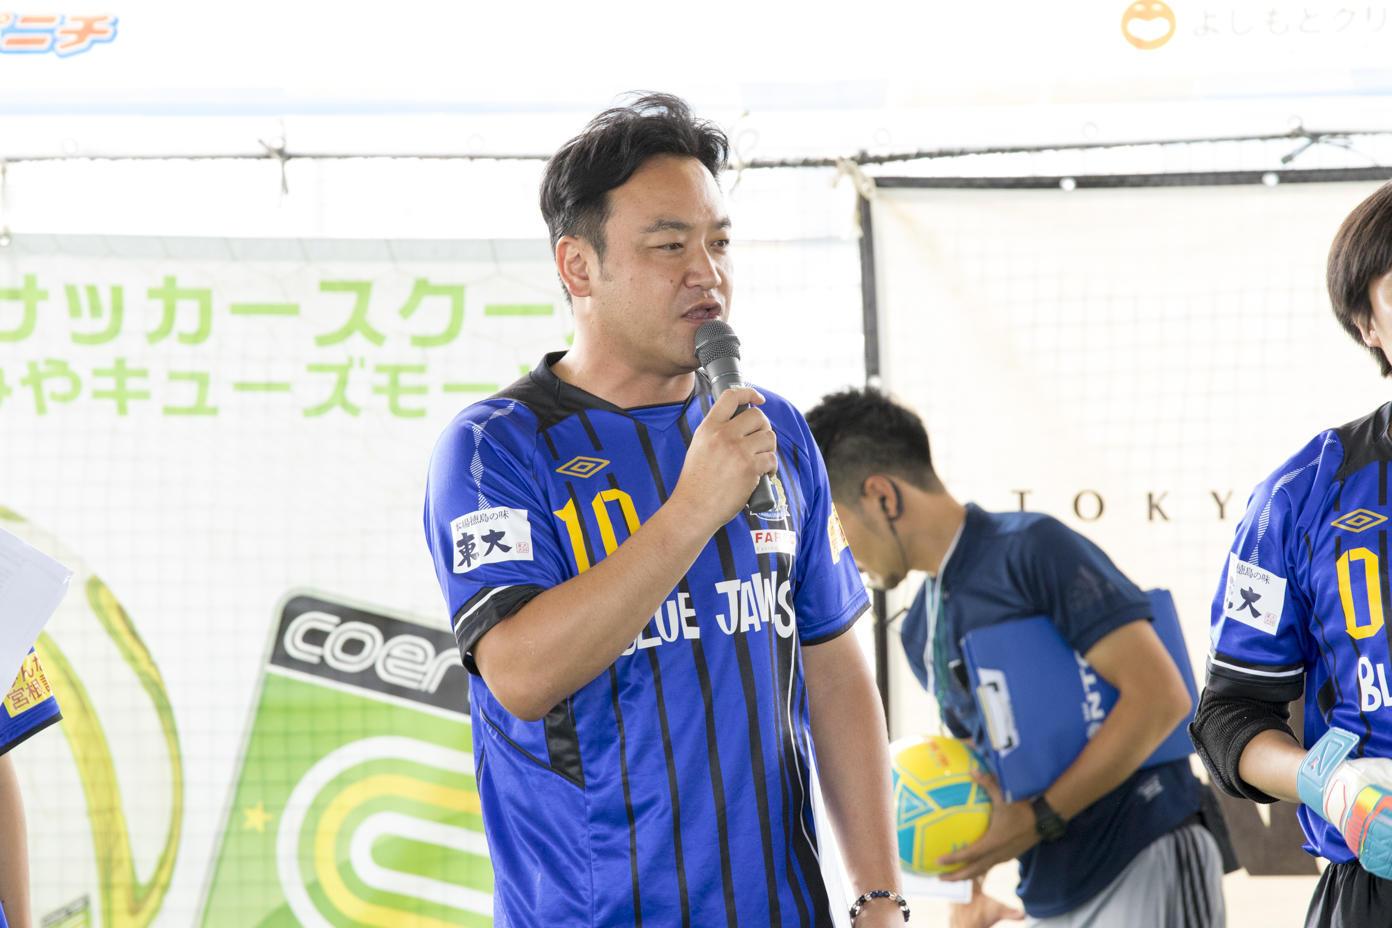 http://news.yoshimoto.co.jp/20170802174038-0607b69ac25301b67500aacac4ad776b6d43079e.jpg